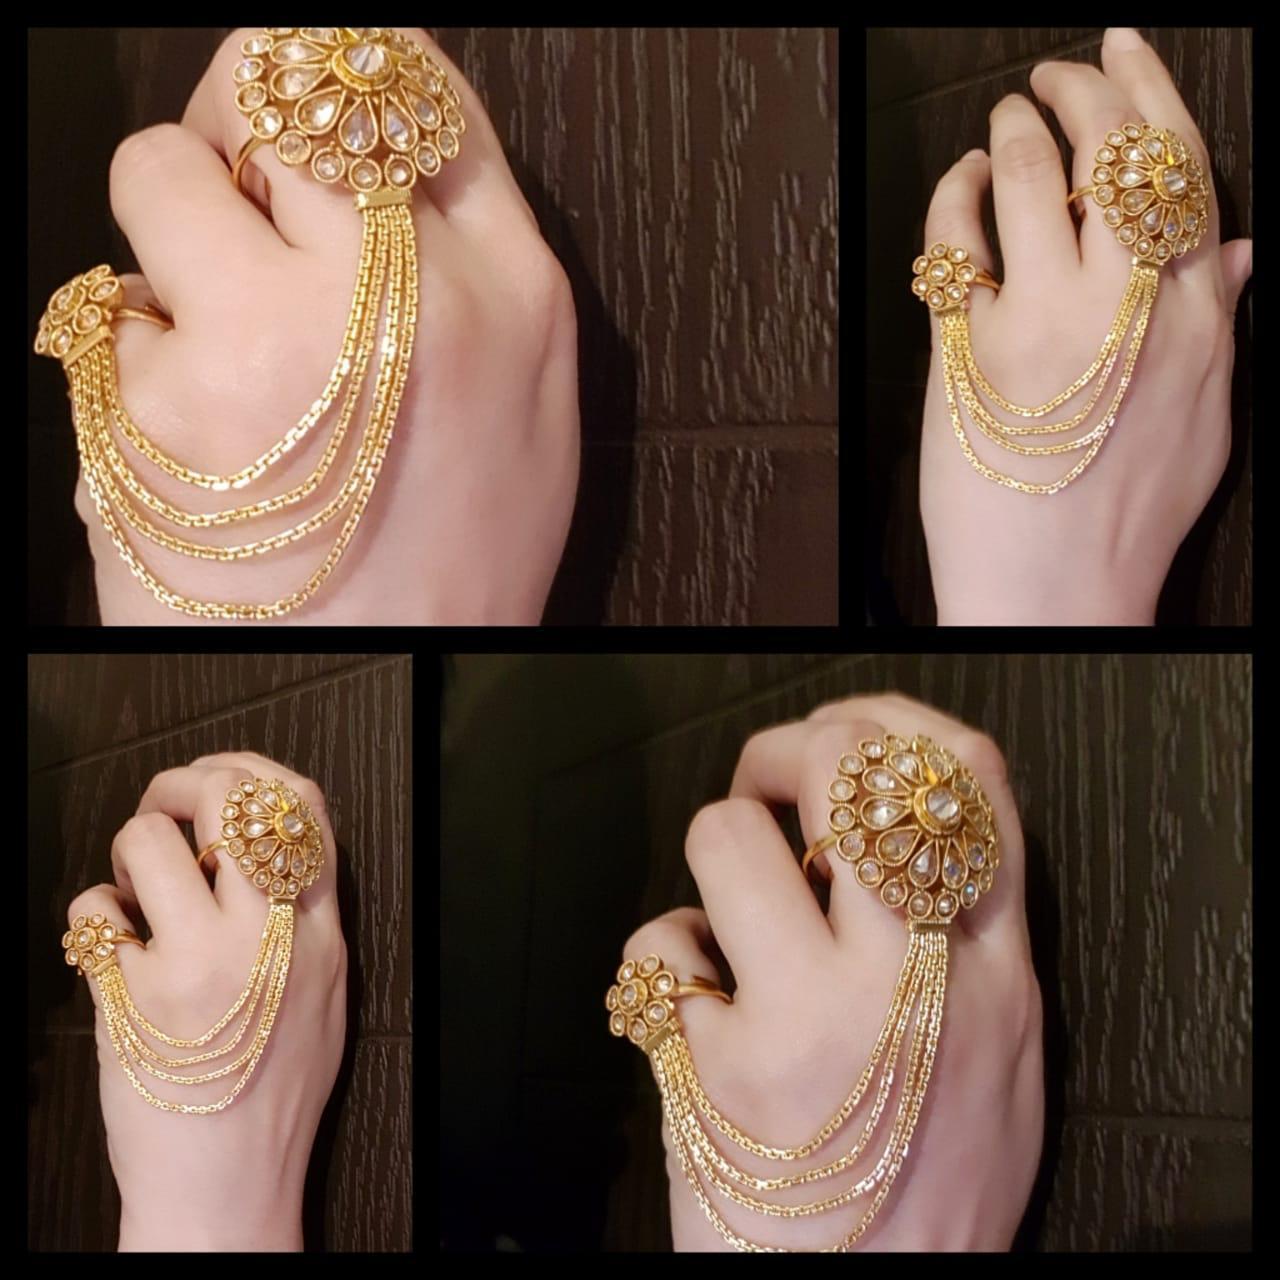 ce1629f111e0c Women's Jewellery Online in Pakistan - Daraz.pk